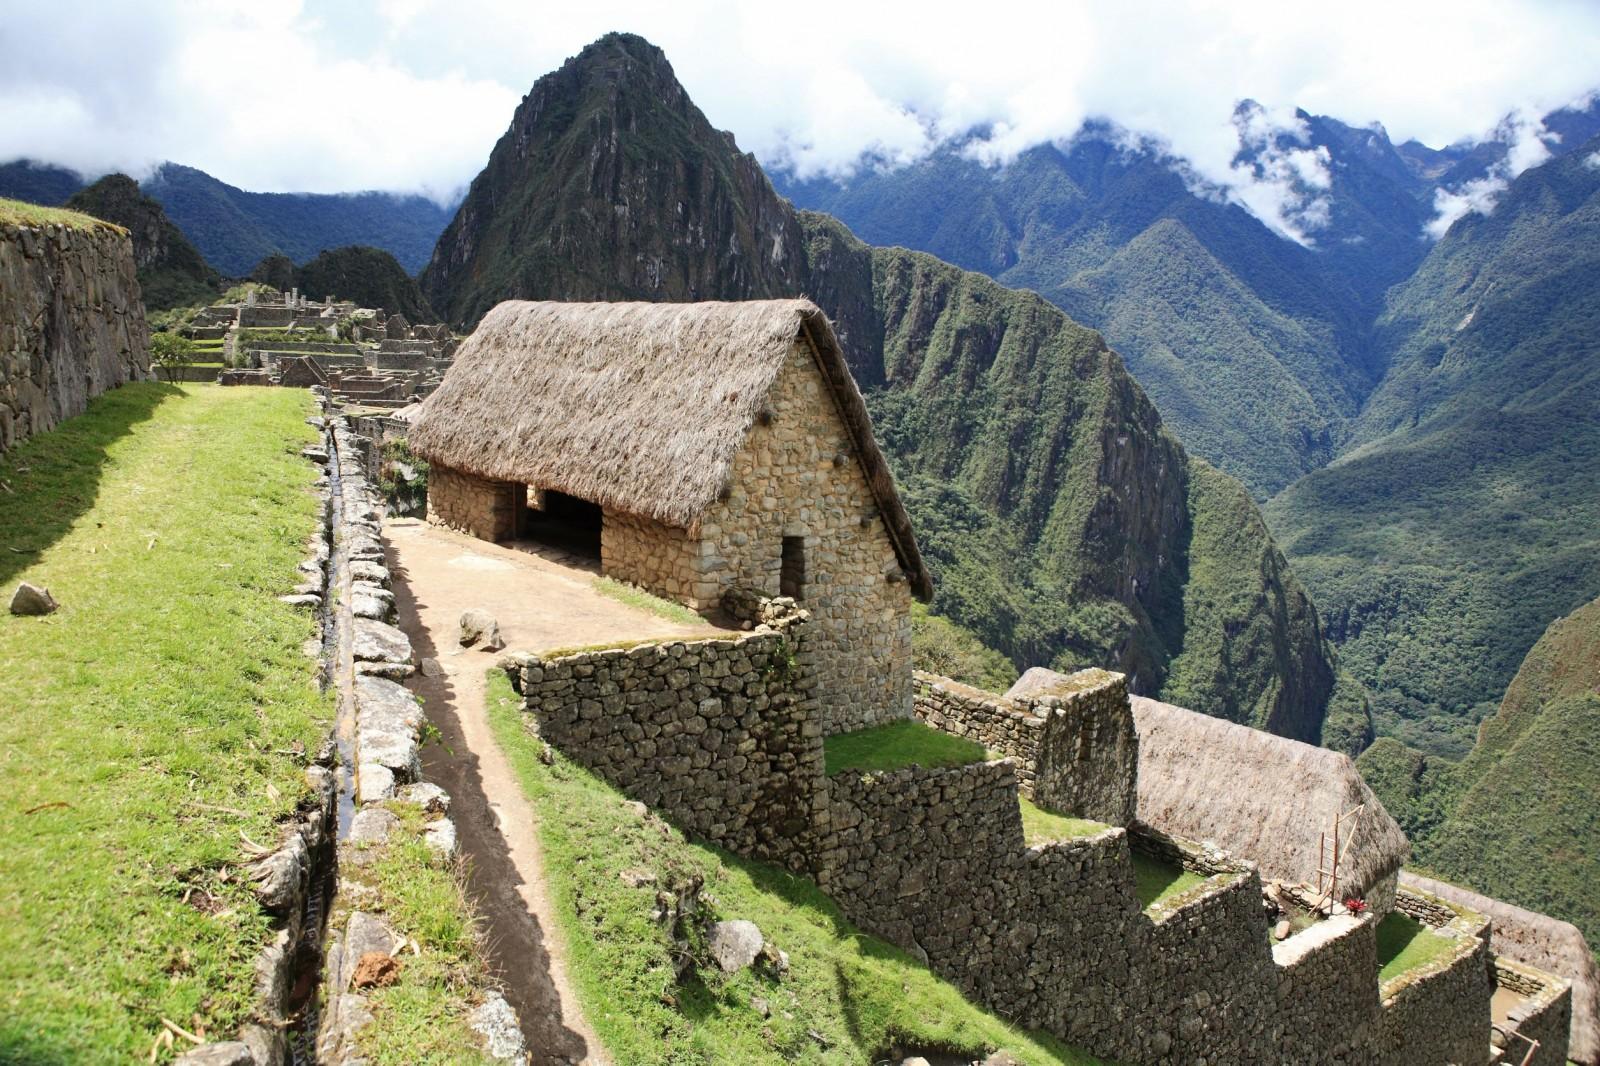 Travel-To-Peru-Historic-Lost-City-of-Machu-Picchu-Peru-1600x1066.jpg